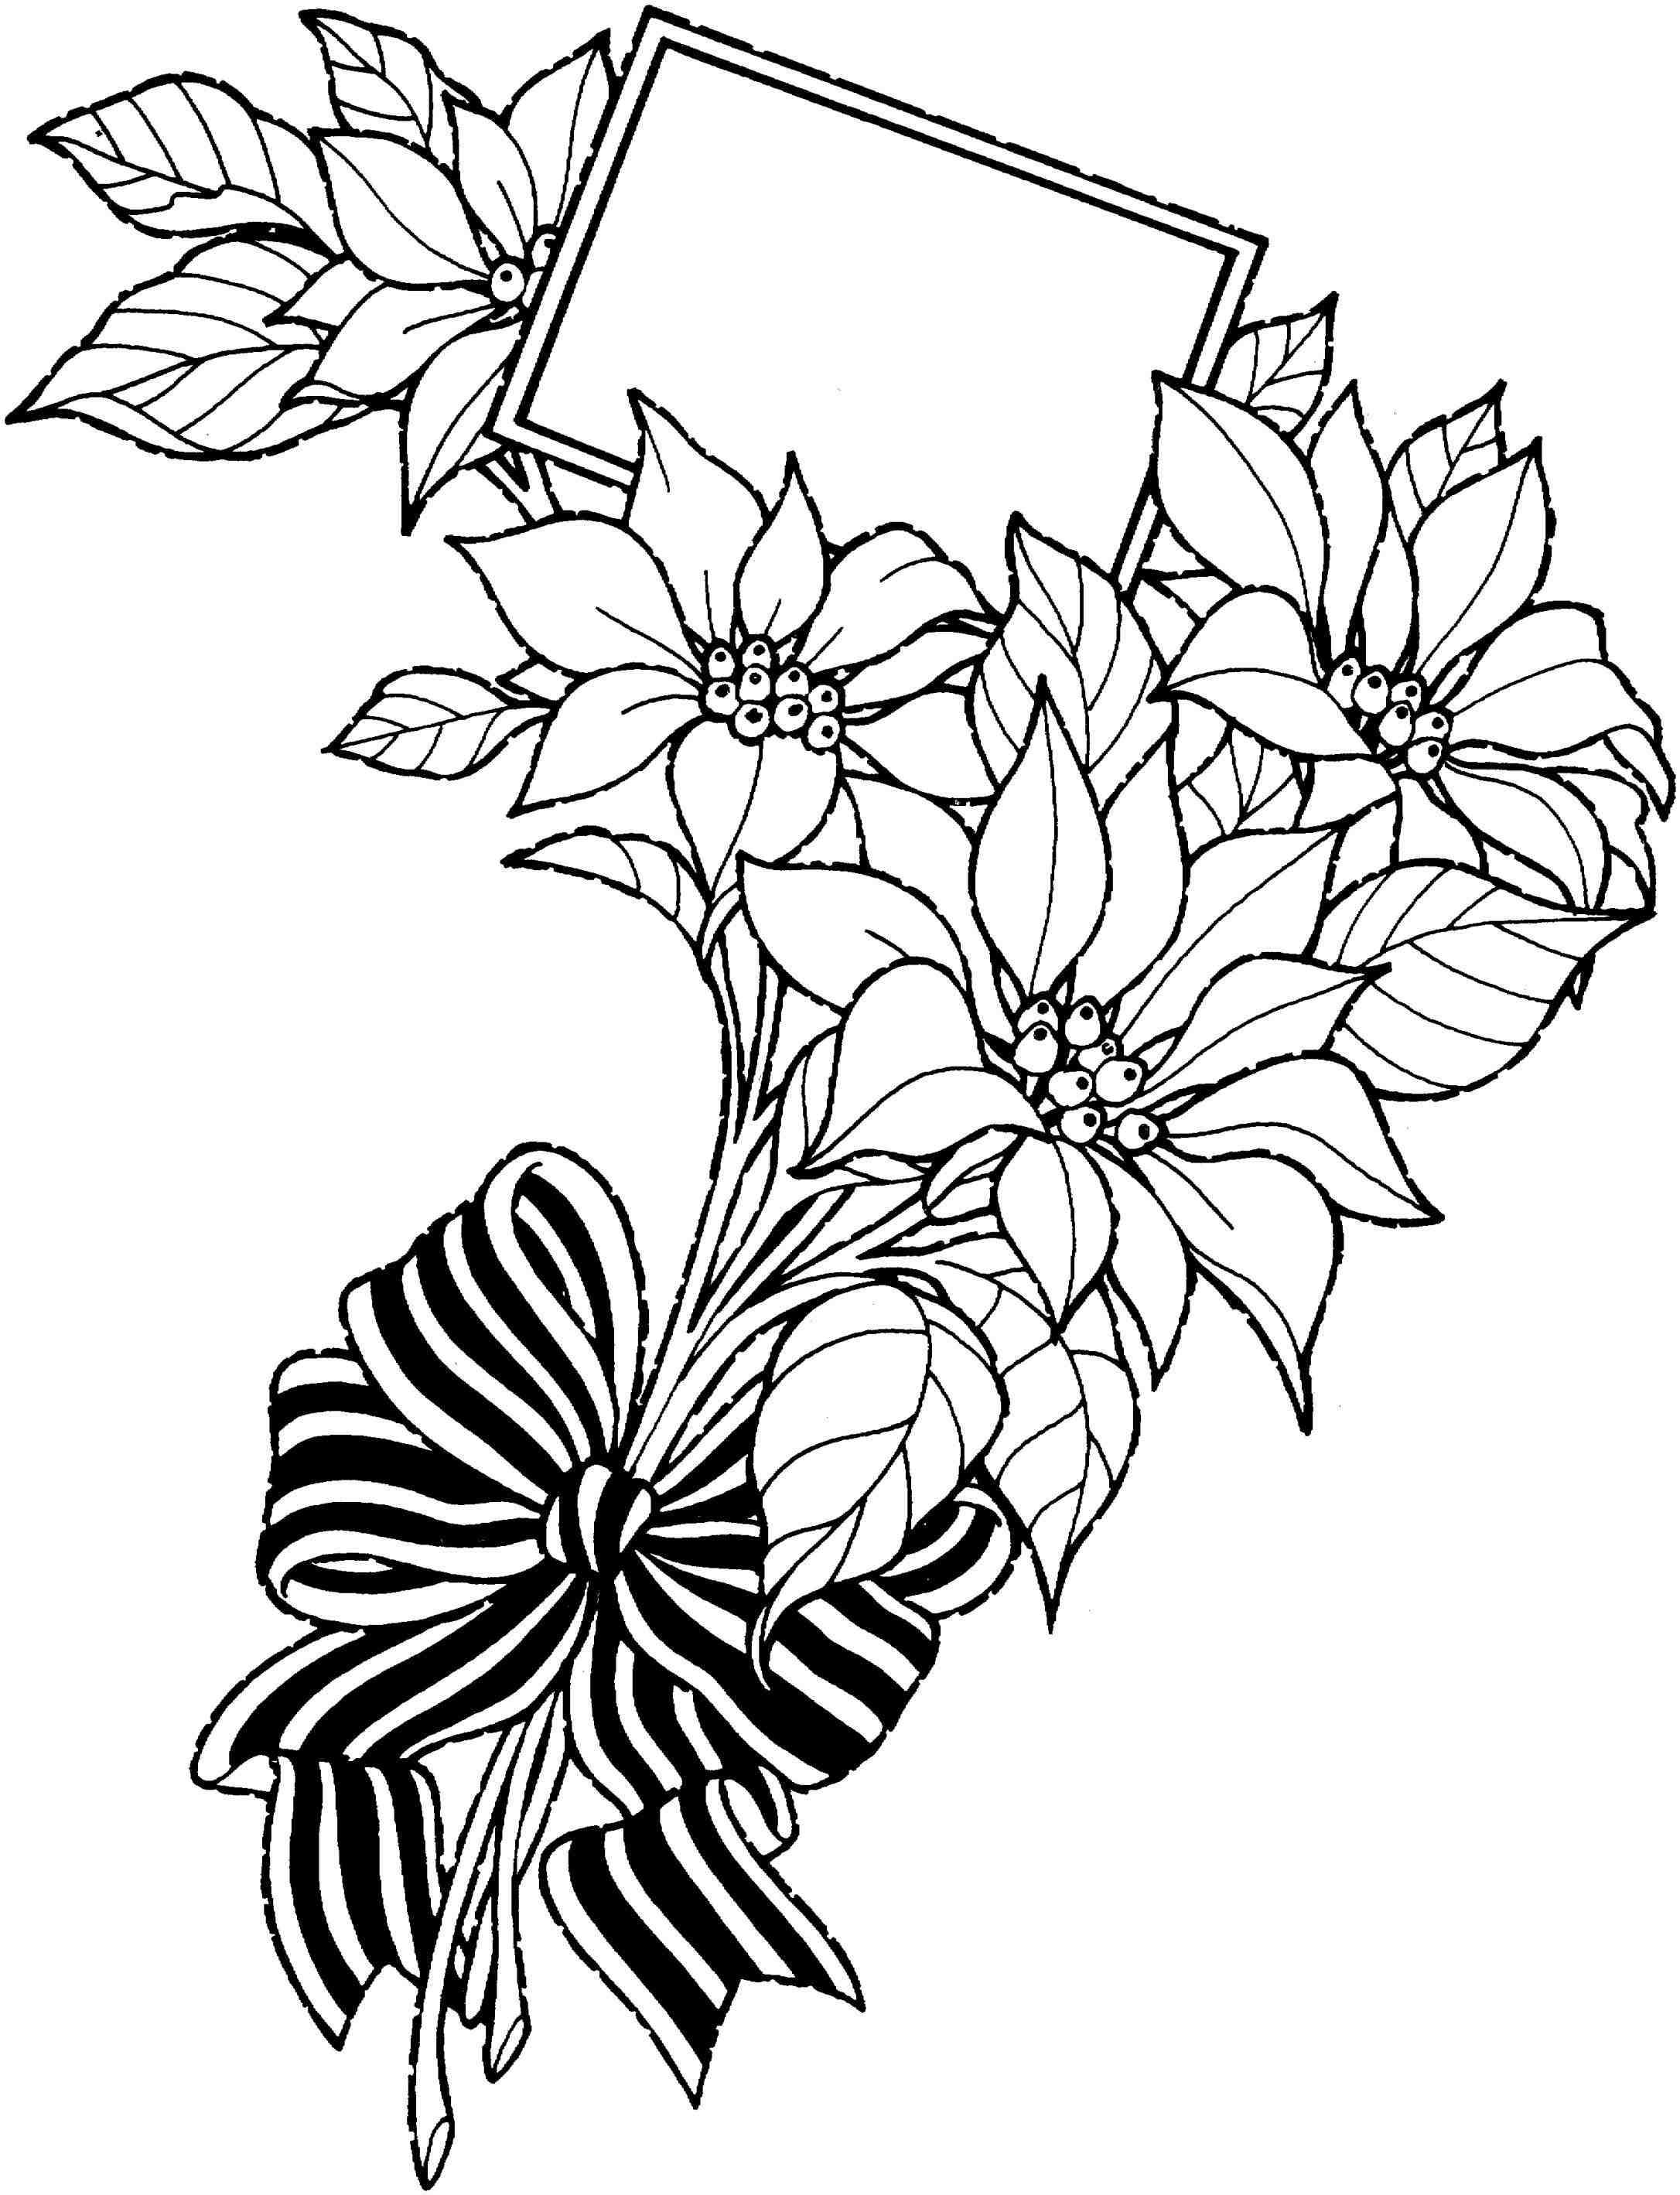 2172x2838 Lotus Flower Vase Drawing